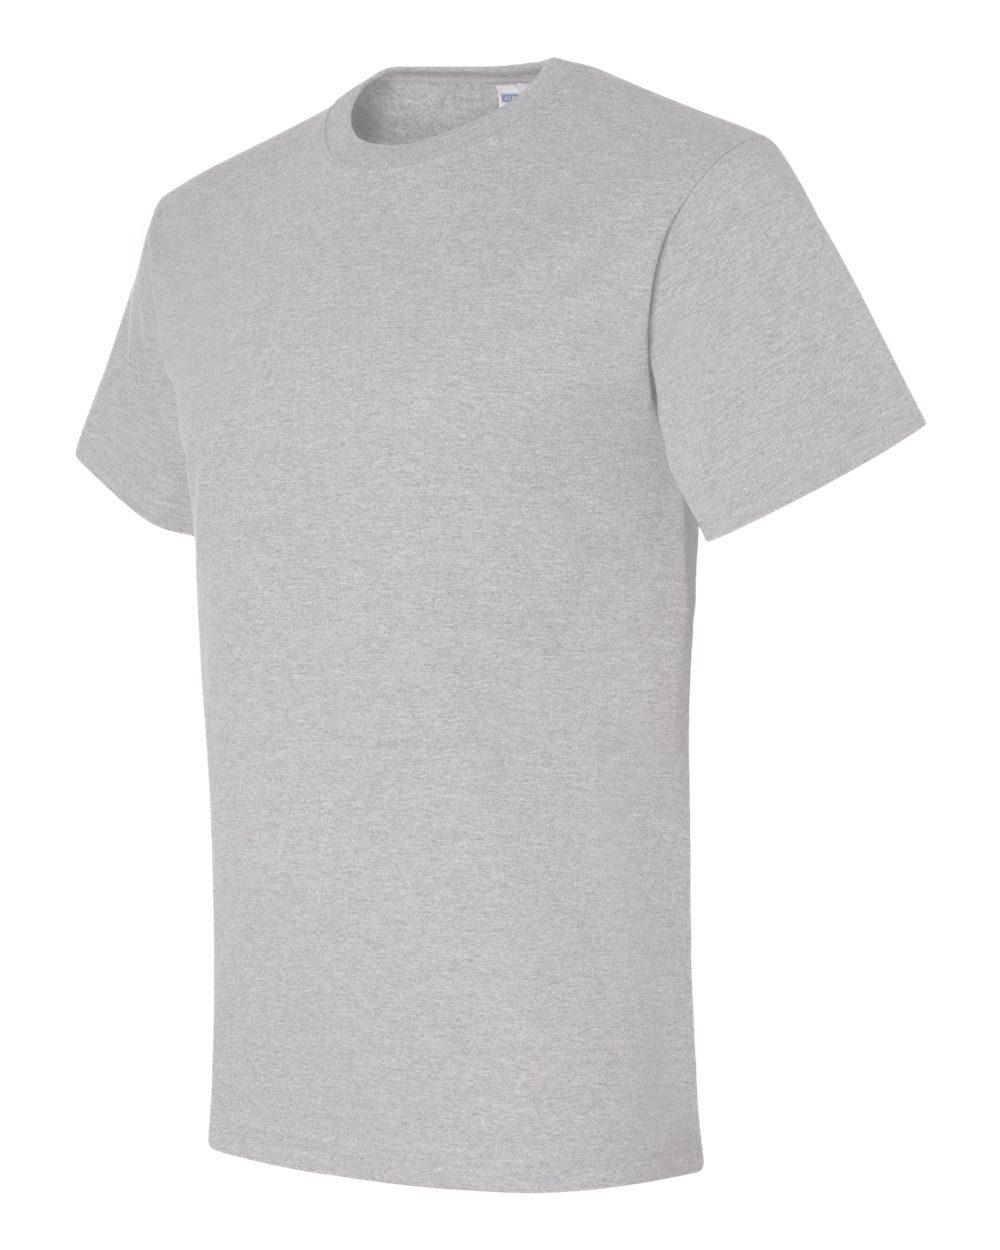 Jerzees-Men-039-s-5-6-oz-50-50-Heavyweight-Blend-T-Shirt-29M-S-4XL thumbnail 69